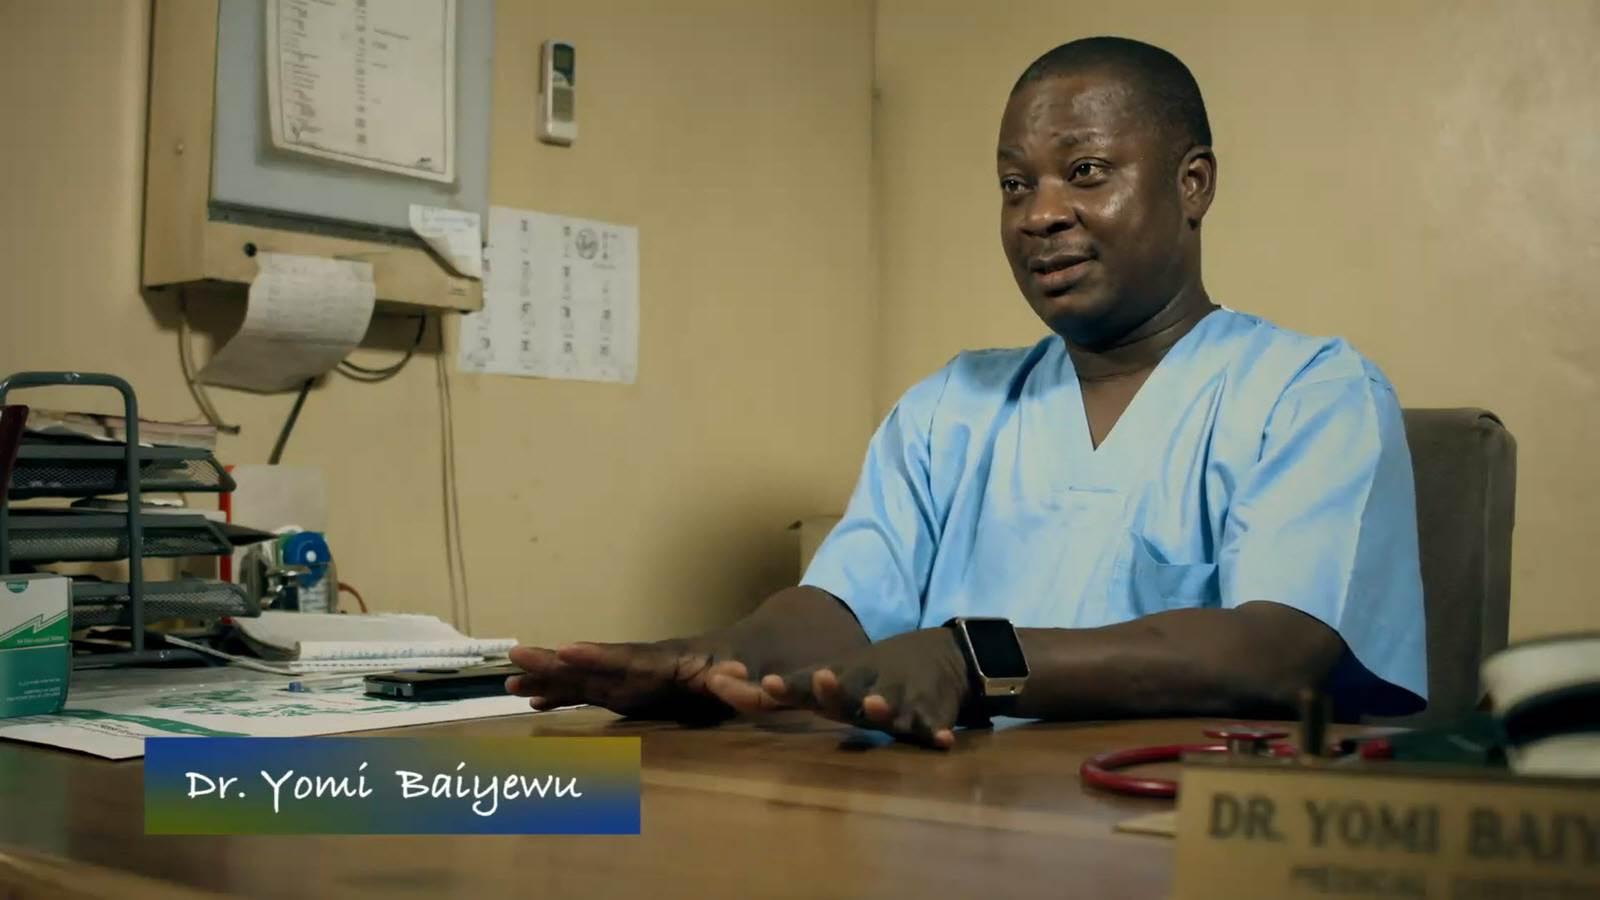 DR. YOMI BAIYEWU